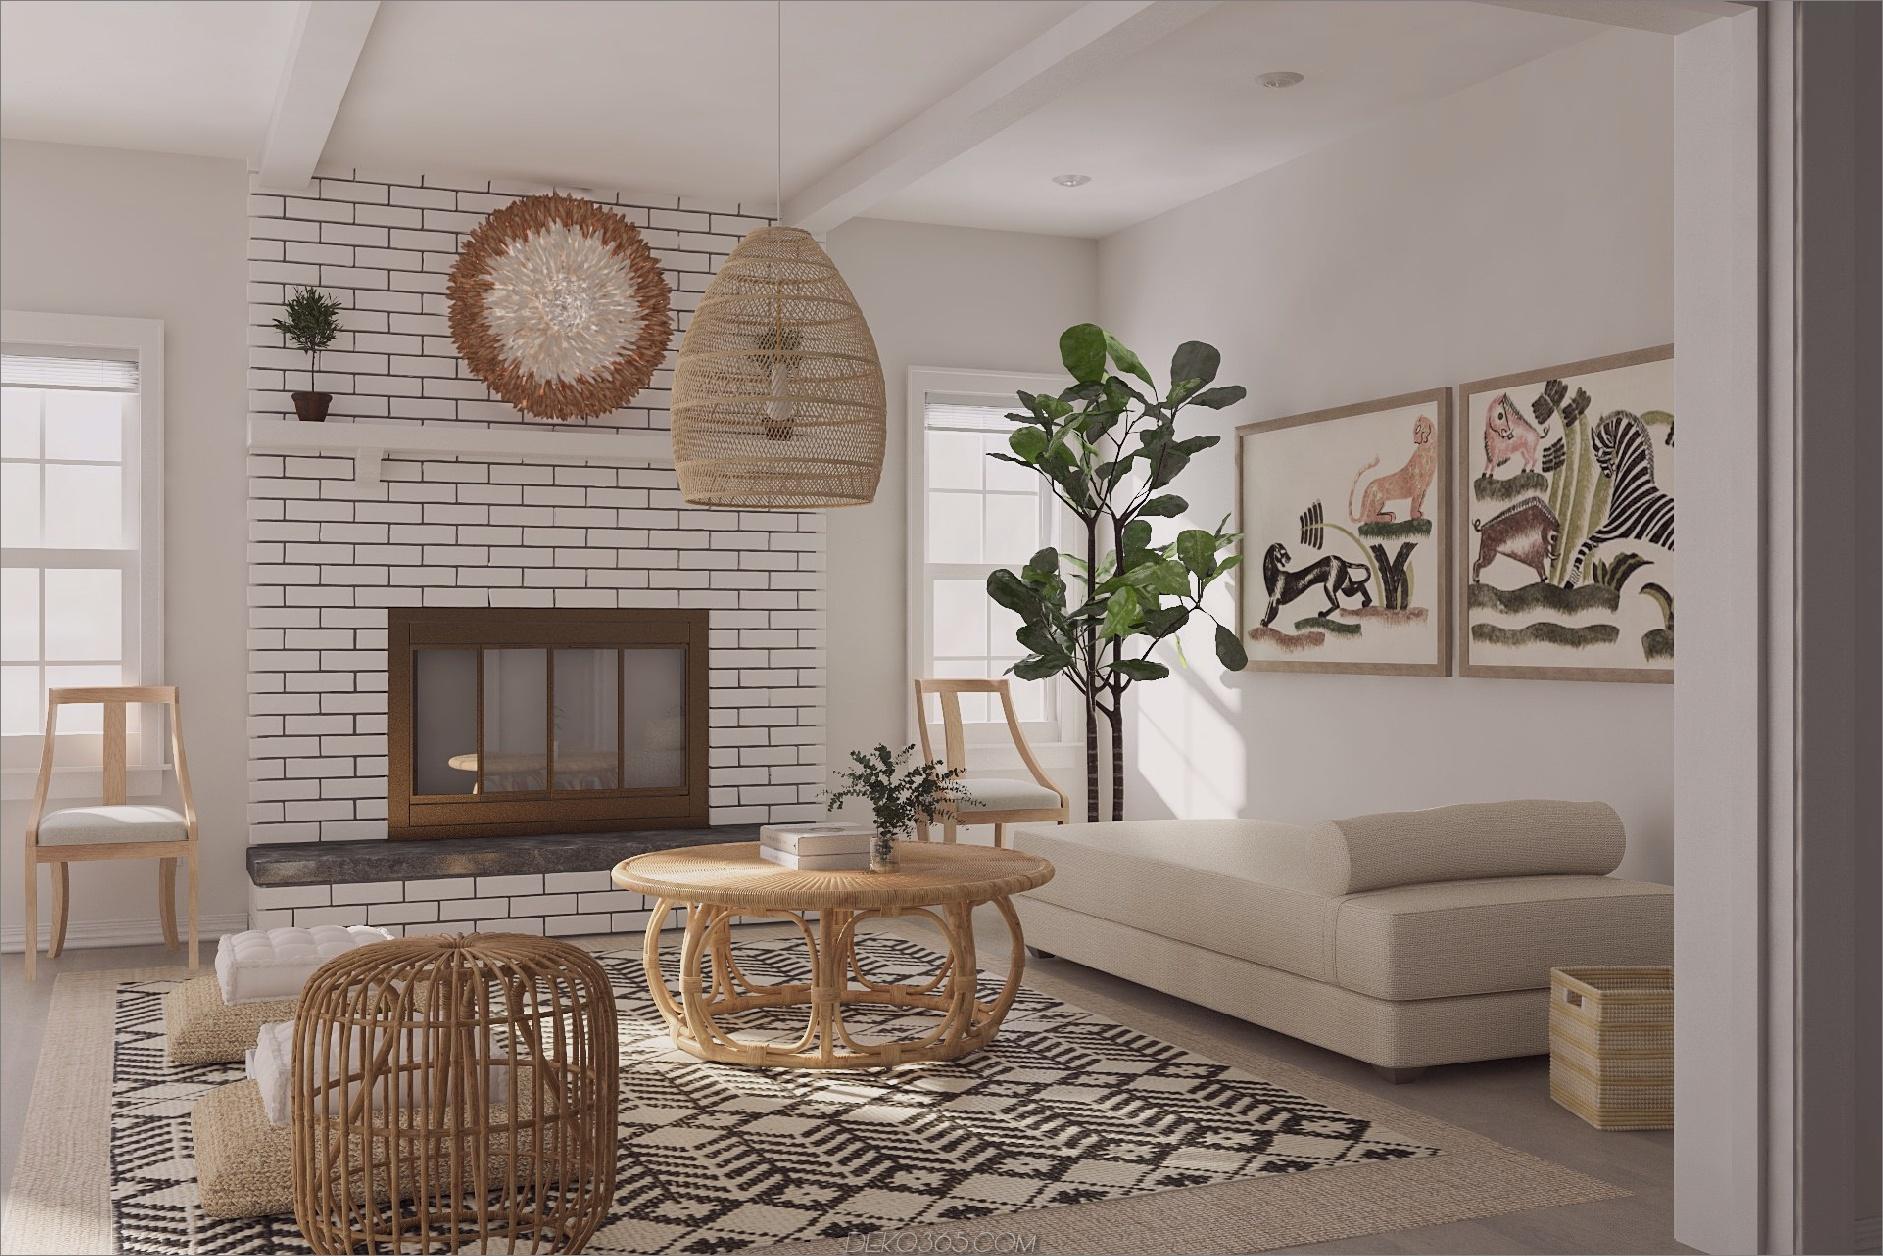 helles und luftiges Wohnzimmer Licht und luftige Räume, ohne hauptsächlich Weißtöne zu verwenden